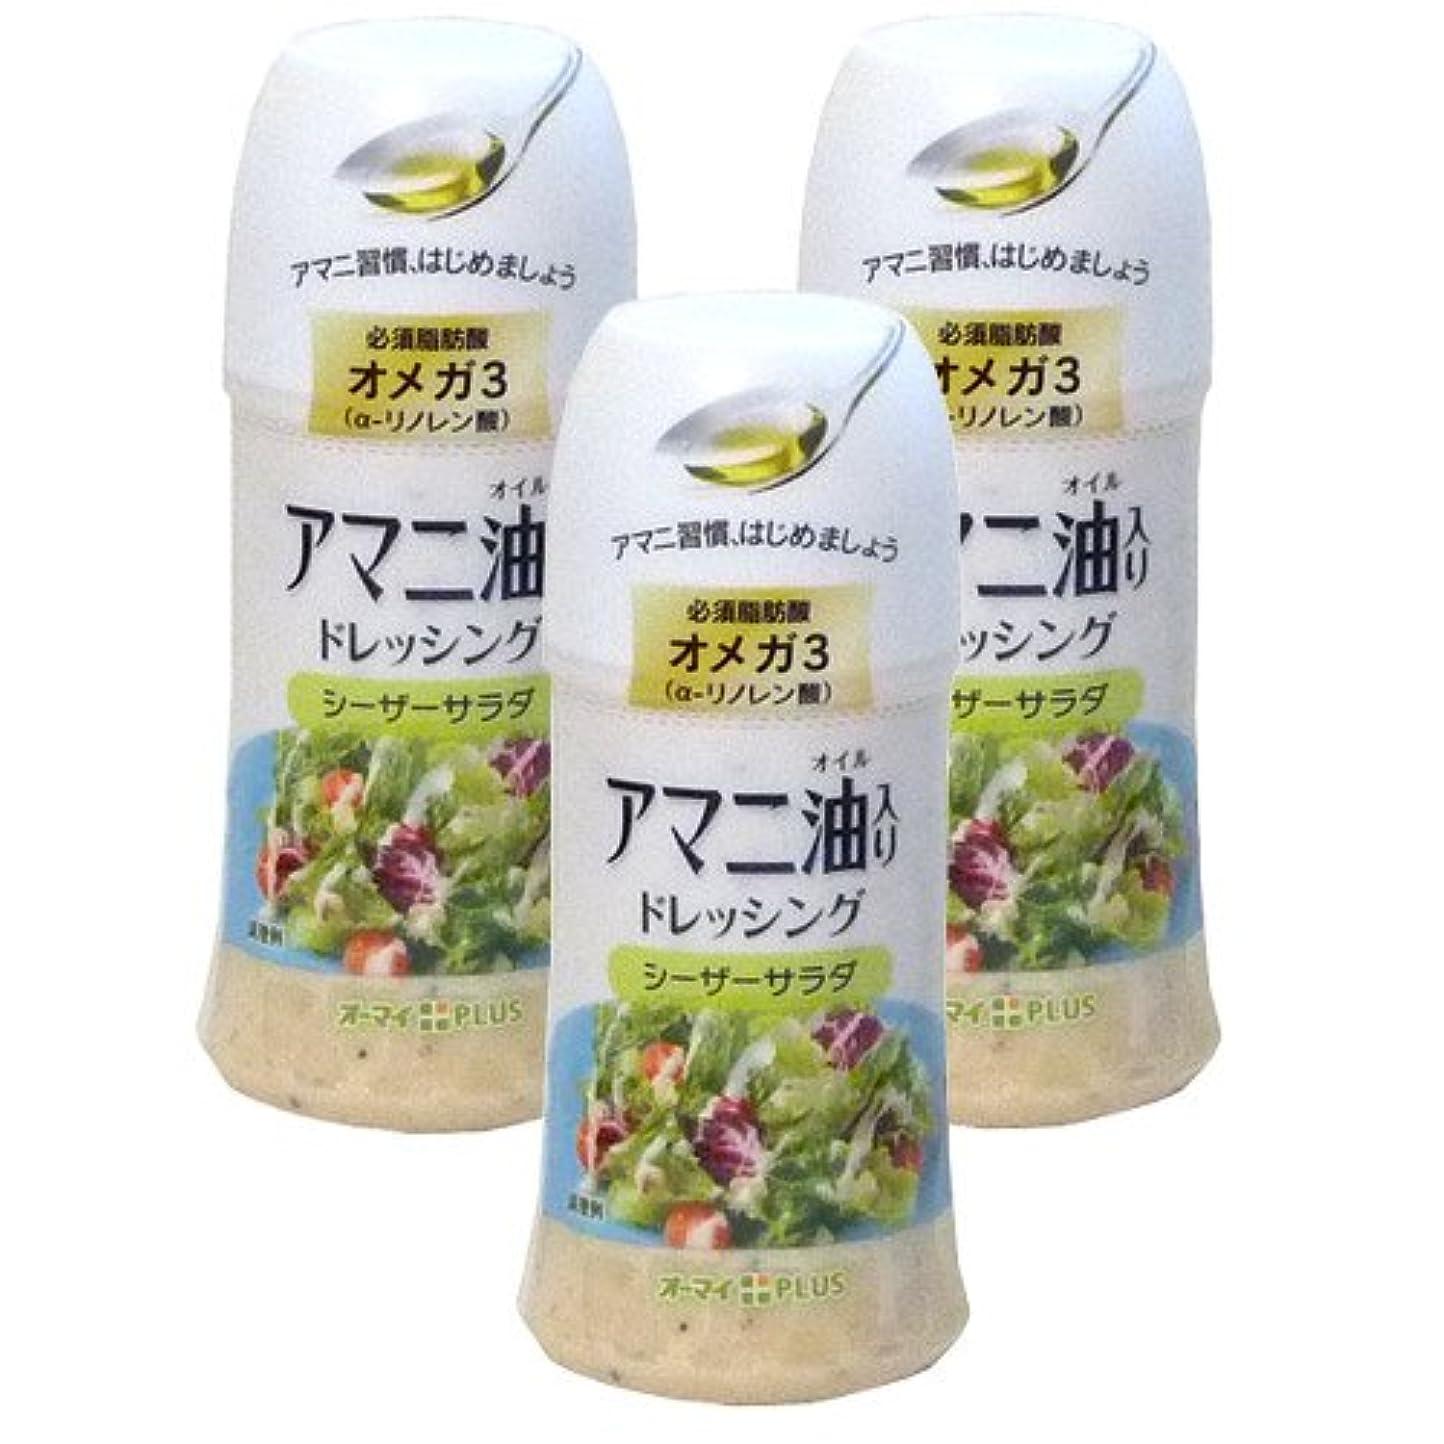 間隔責任者雰囲気アマニ油入り ドレッシング シーザーサラダ【3セット】